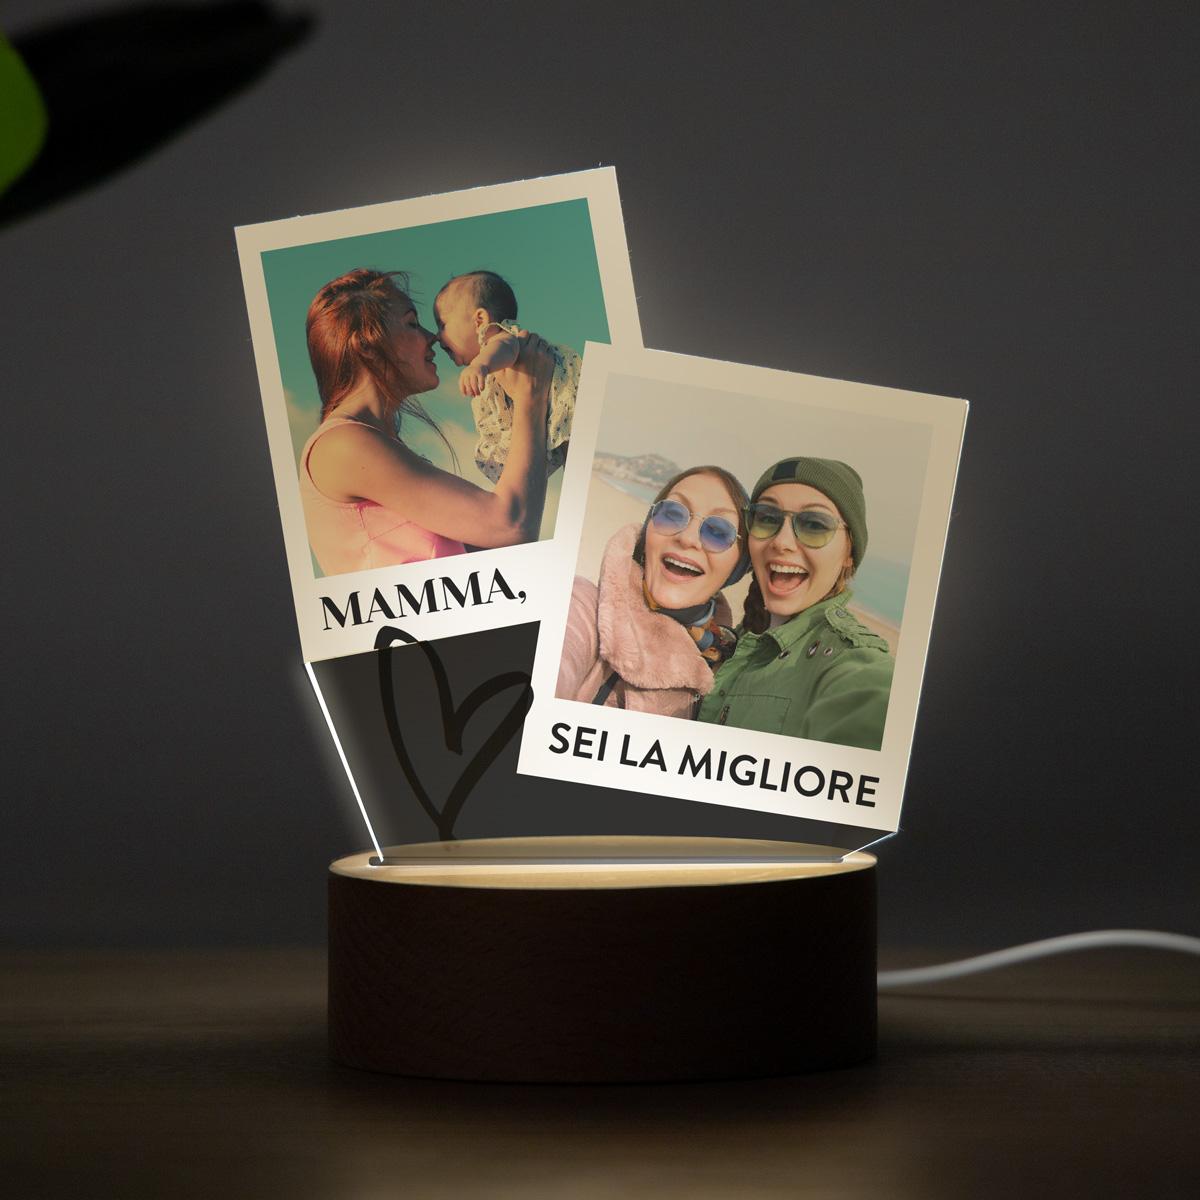 regali per la festa della mamma lampada led con design a polaroid